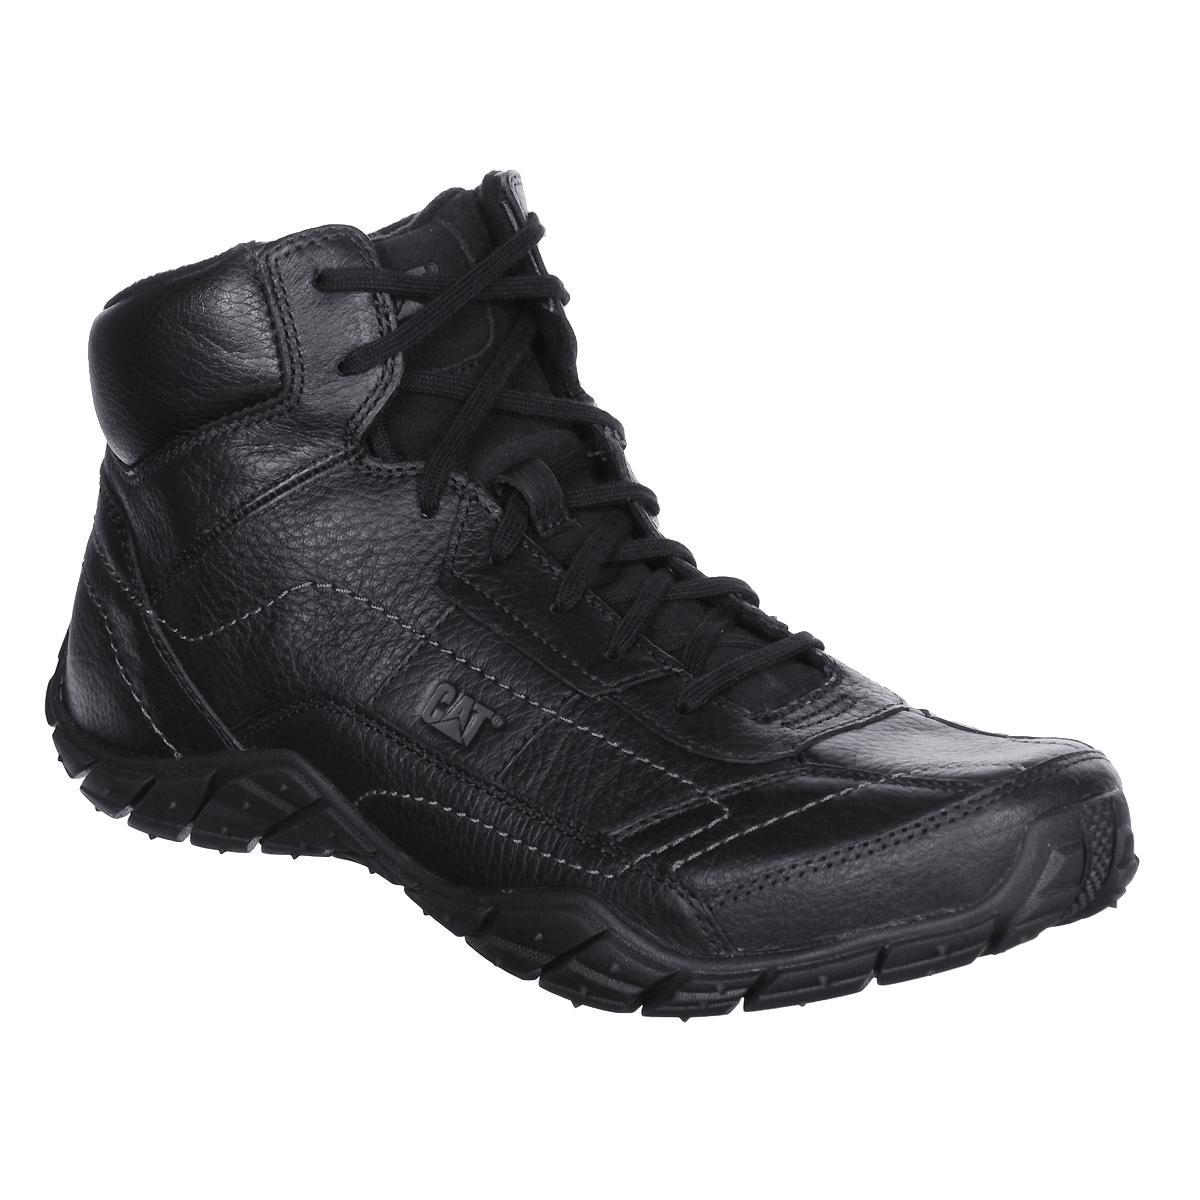 P718116Стильные мужские ботинки Prolix Mid от Caterpillar отличный вариант на каждый день. Верх выполнен из натуральной кожи со вставками из синтетической кожи. Подкладка изготовлена из мягкого флиса, позволяющего сохранять ваши ноги в тепле. Классическая шнуровка надежно фиксирует модель на ноге. Оформлено изделие прострочкой и сбоку небольшим тиснением в виде логотипа бренда. Стельки, выполненные из пластика EVA, обеспечивают комфортное положение стопы. Резиновая подошва с рифленым протектором обеспечивает хорошее сцепление с поверхностью. В таких ботинках вашим ногам будет комфортно и уютно. Они подчеркнут ваш стиль и индивидуальность.